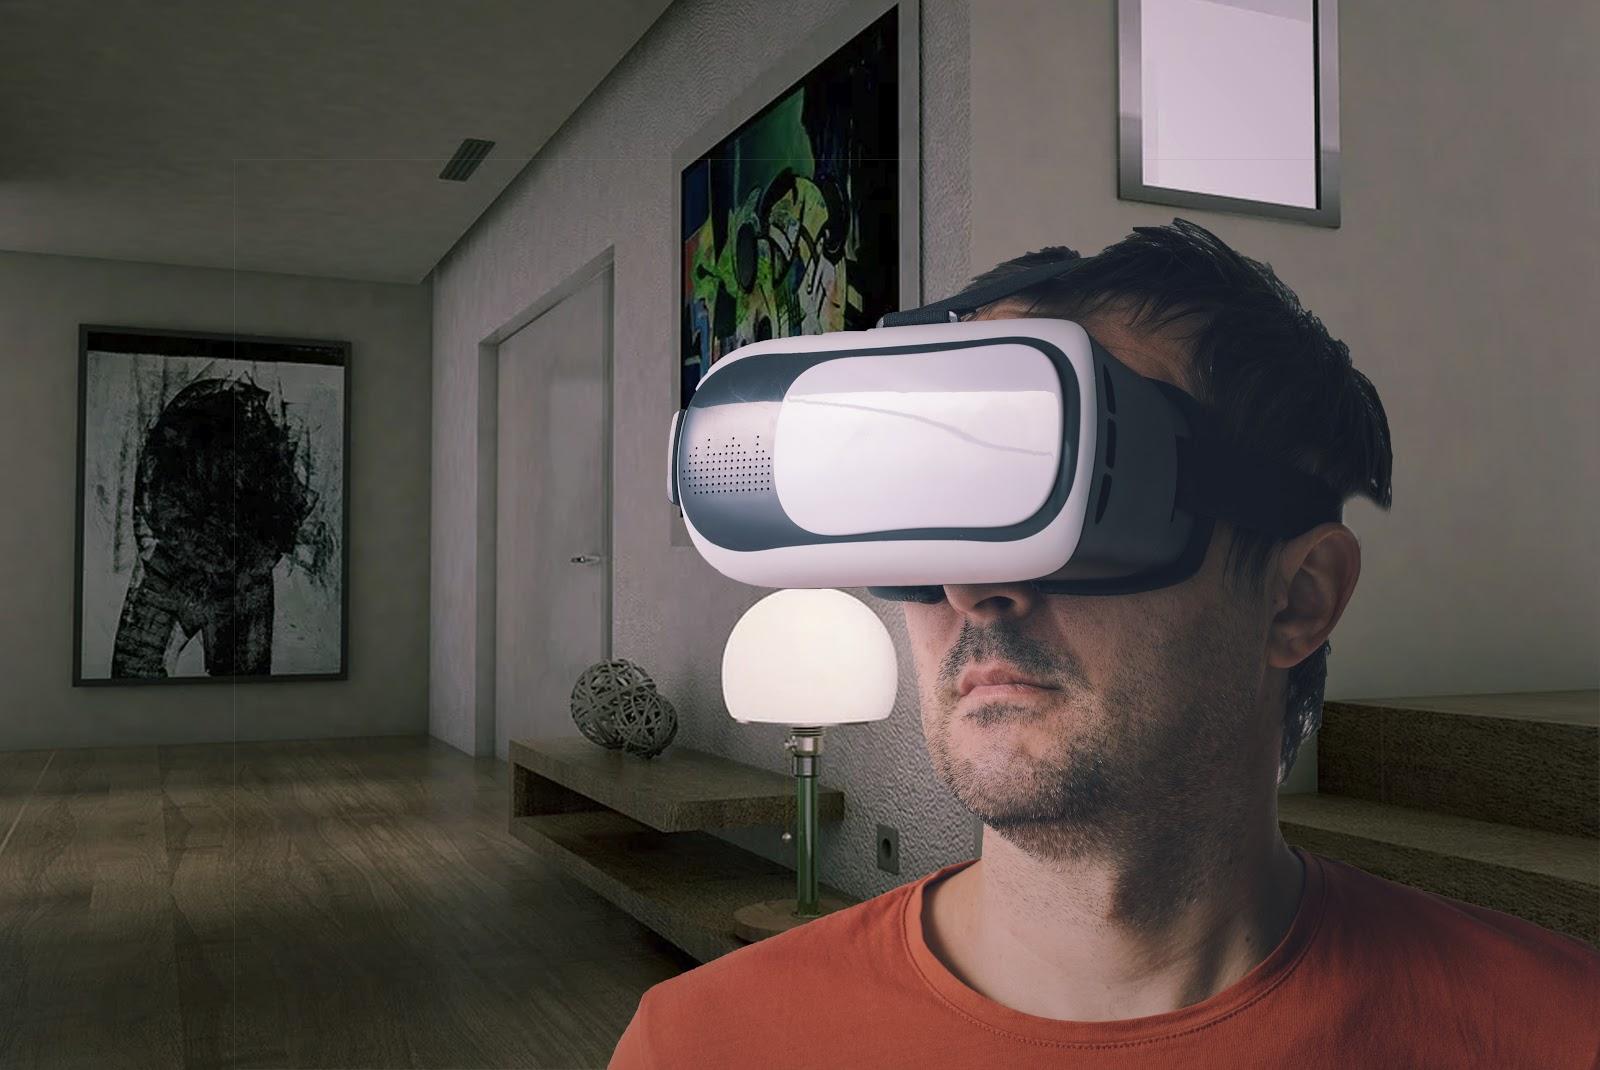 VR360 剎那的會展 讓它永久留存 - 沉浸式體驗 令觀眾置身展覧現場